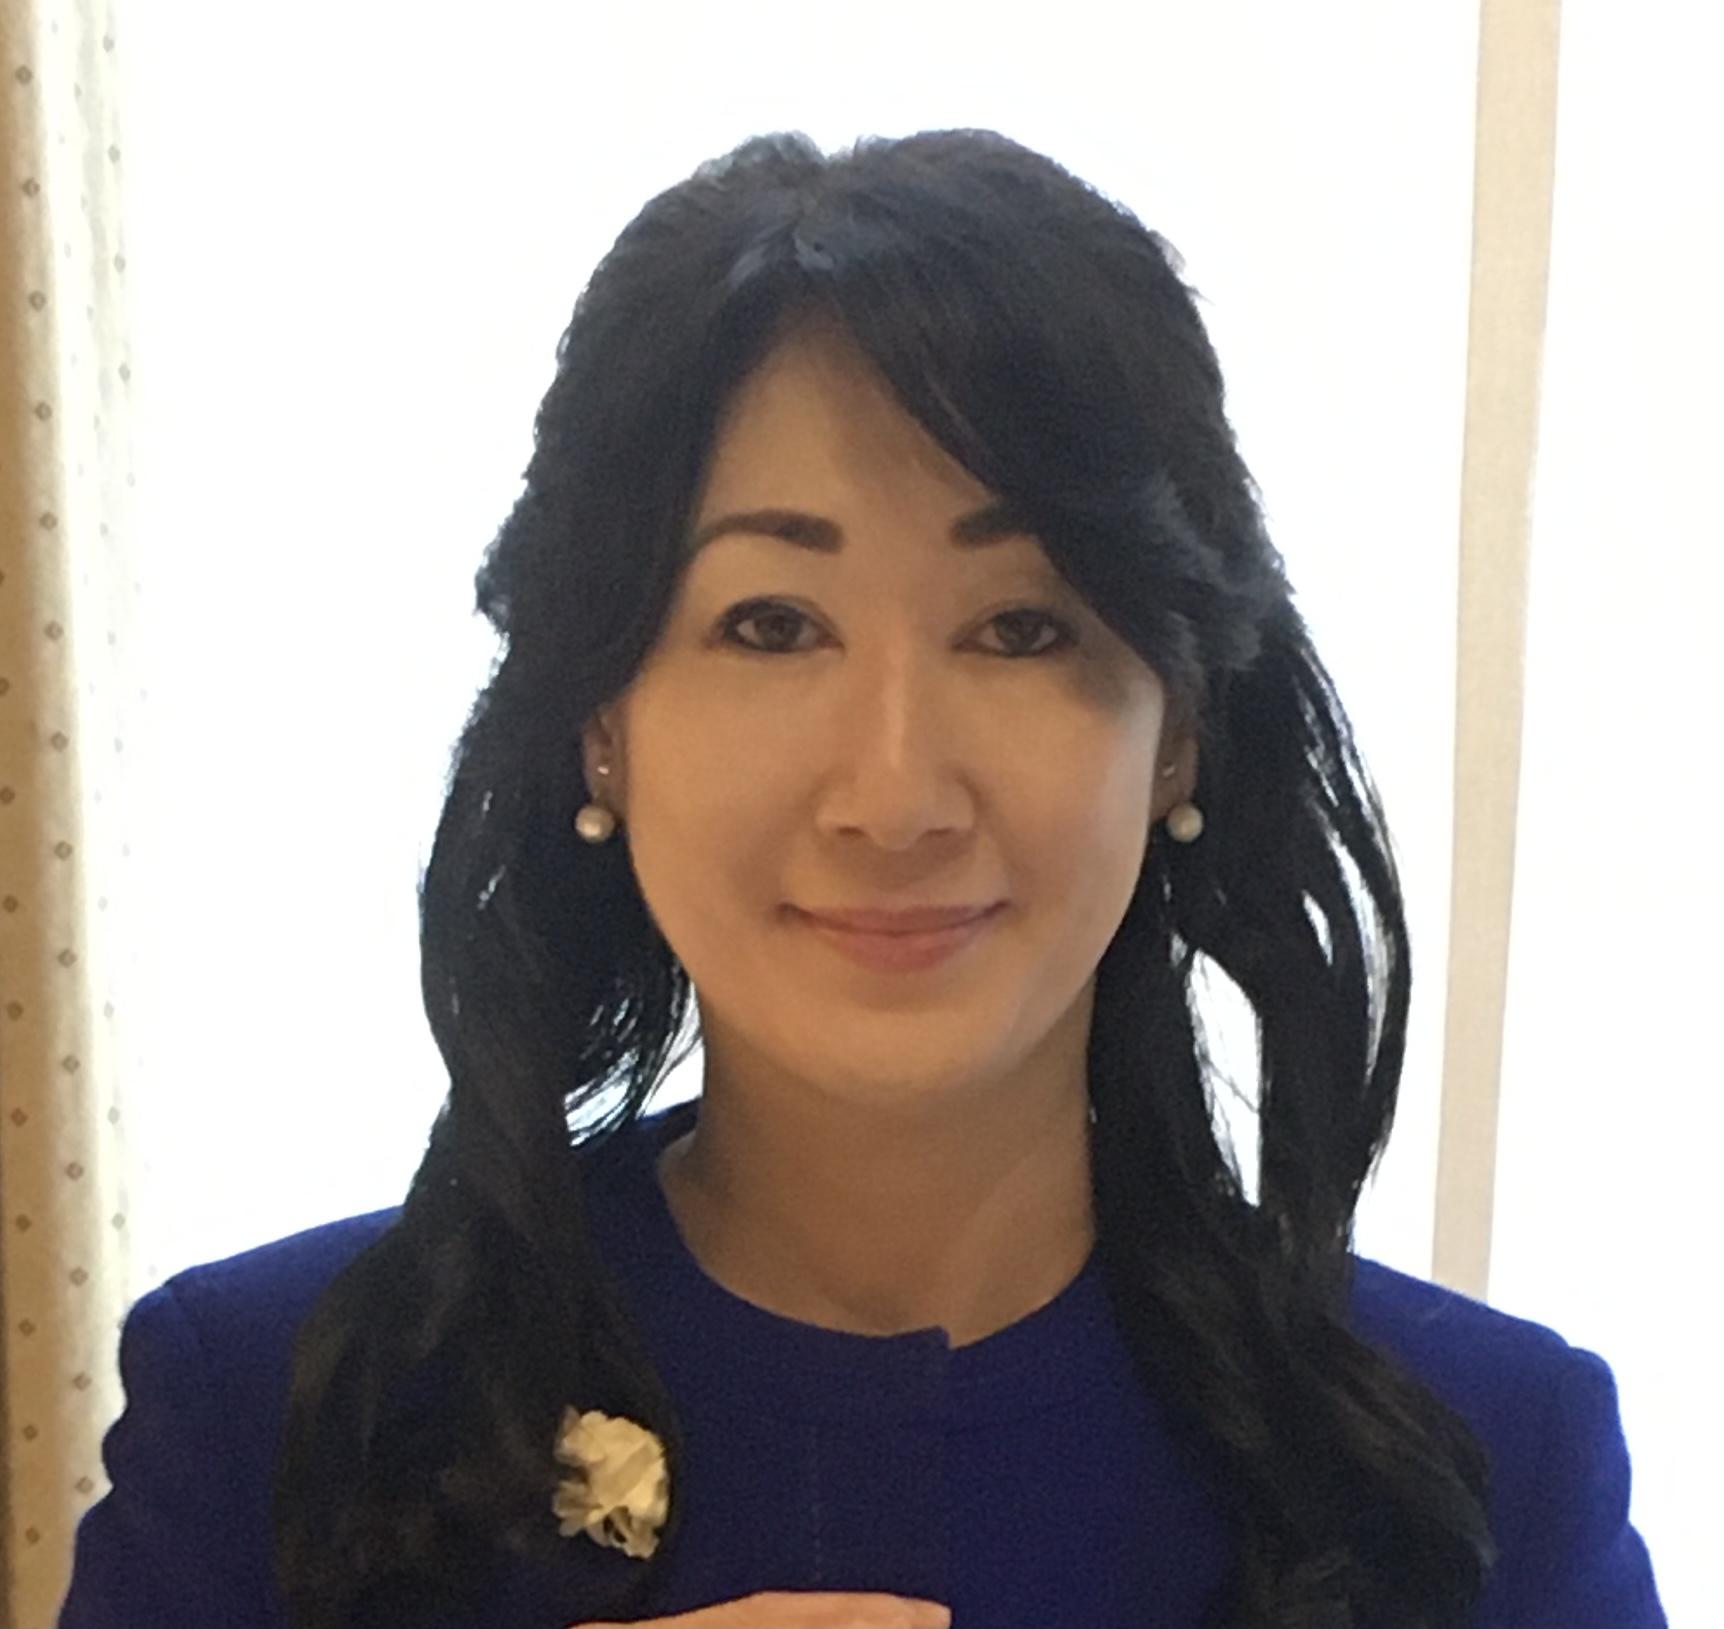 株式会社川内美登子・植物代替療法研究所